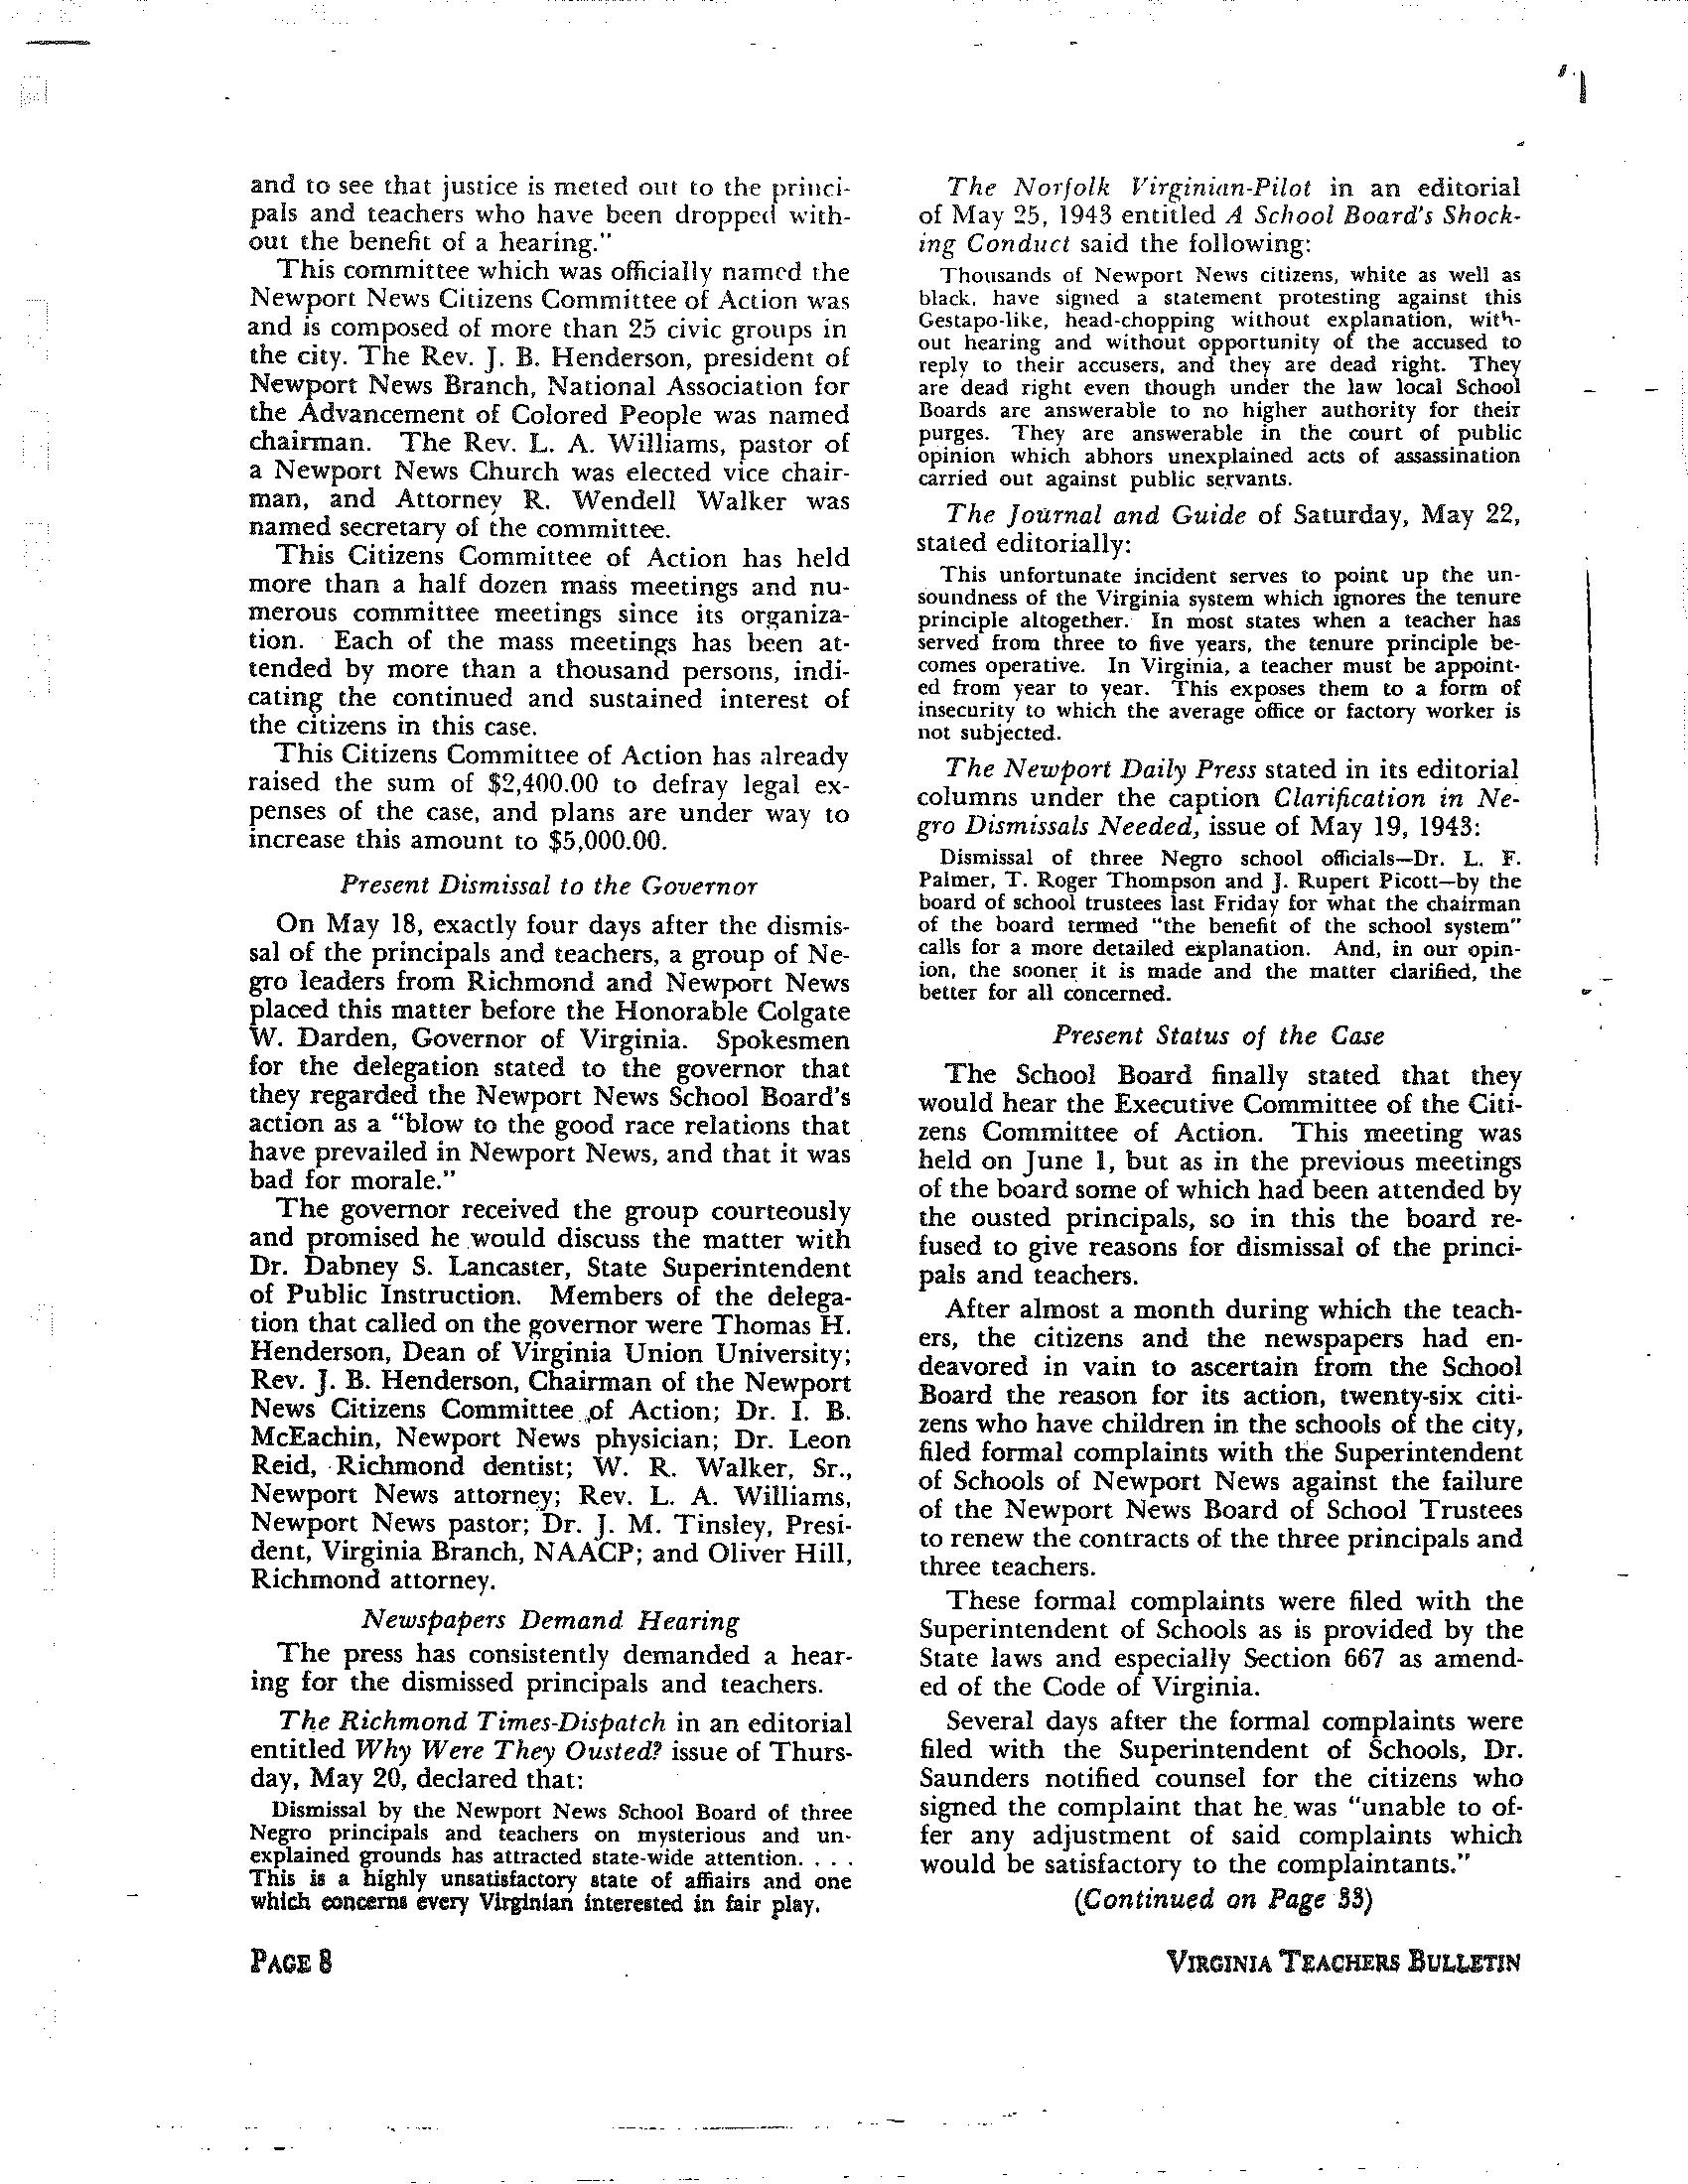 Zeta Lambda 1943 - The Newport News Case 3.png